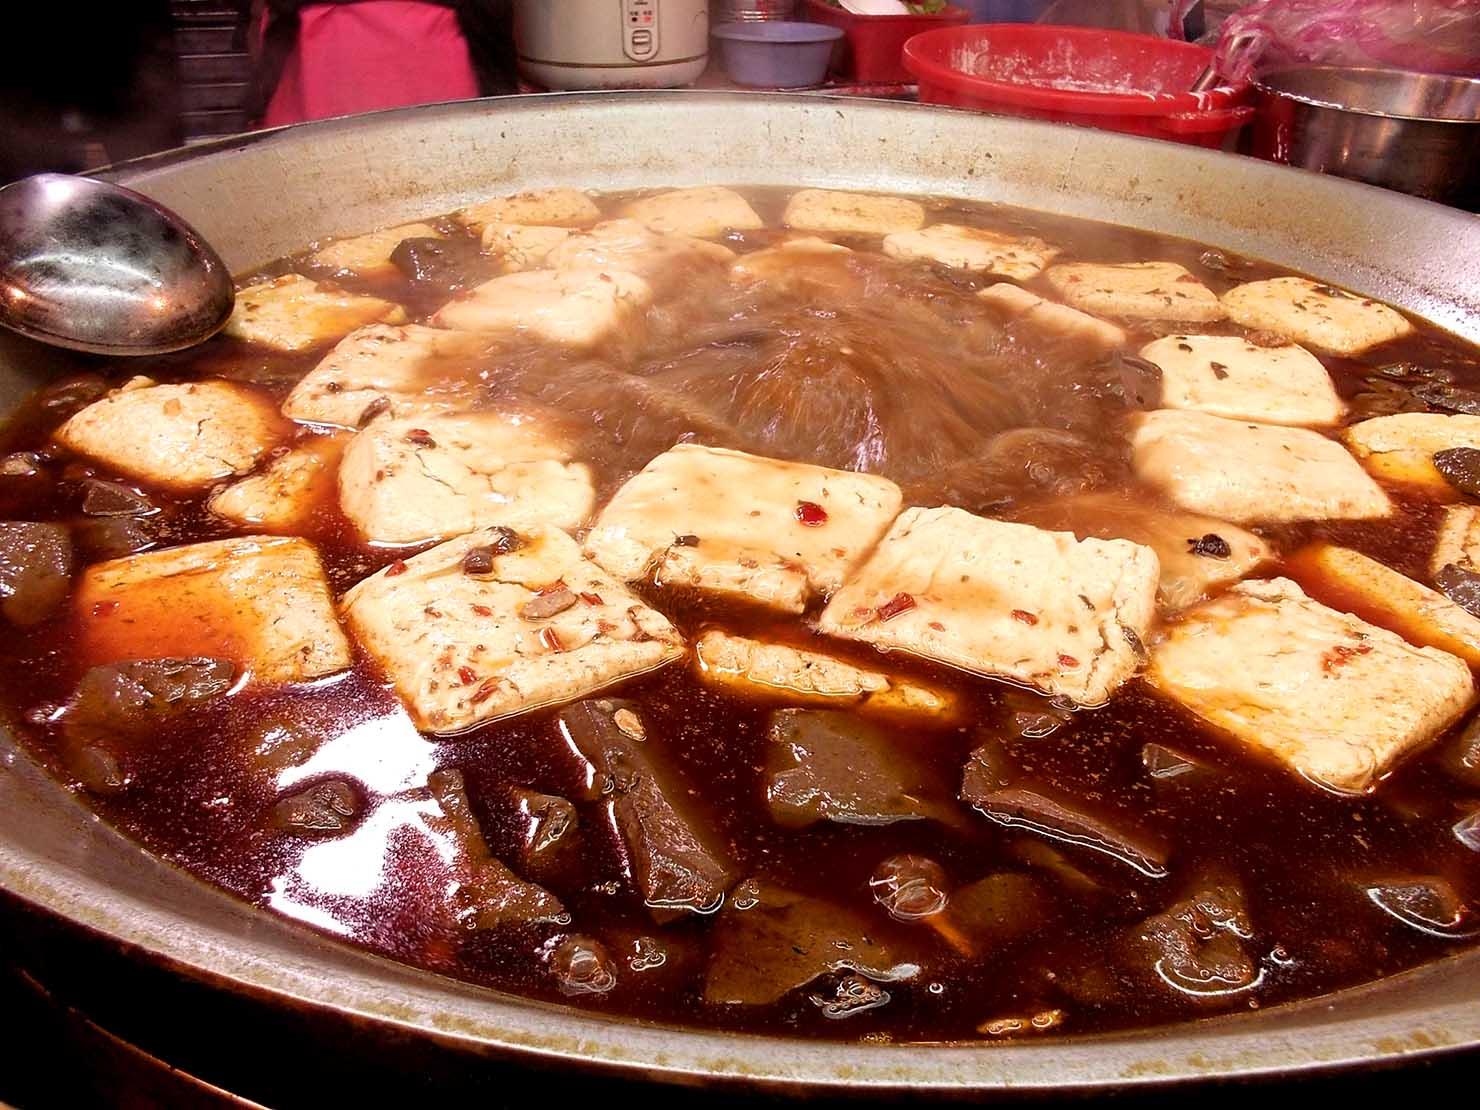 台湾夜市の定番グルメ「臭豆腐」煮込みタイプ